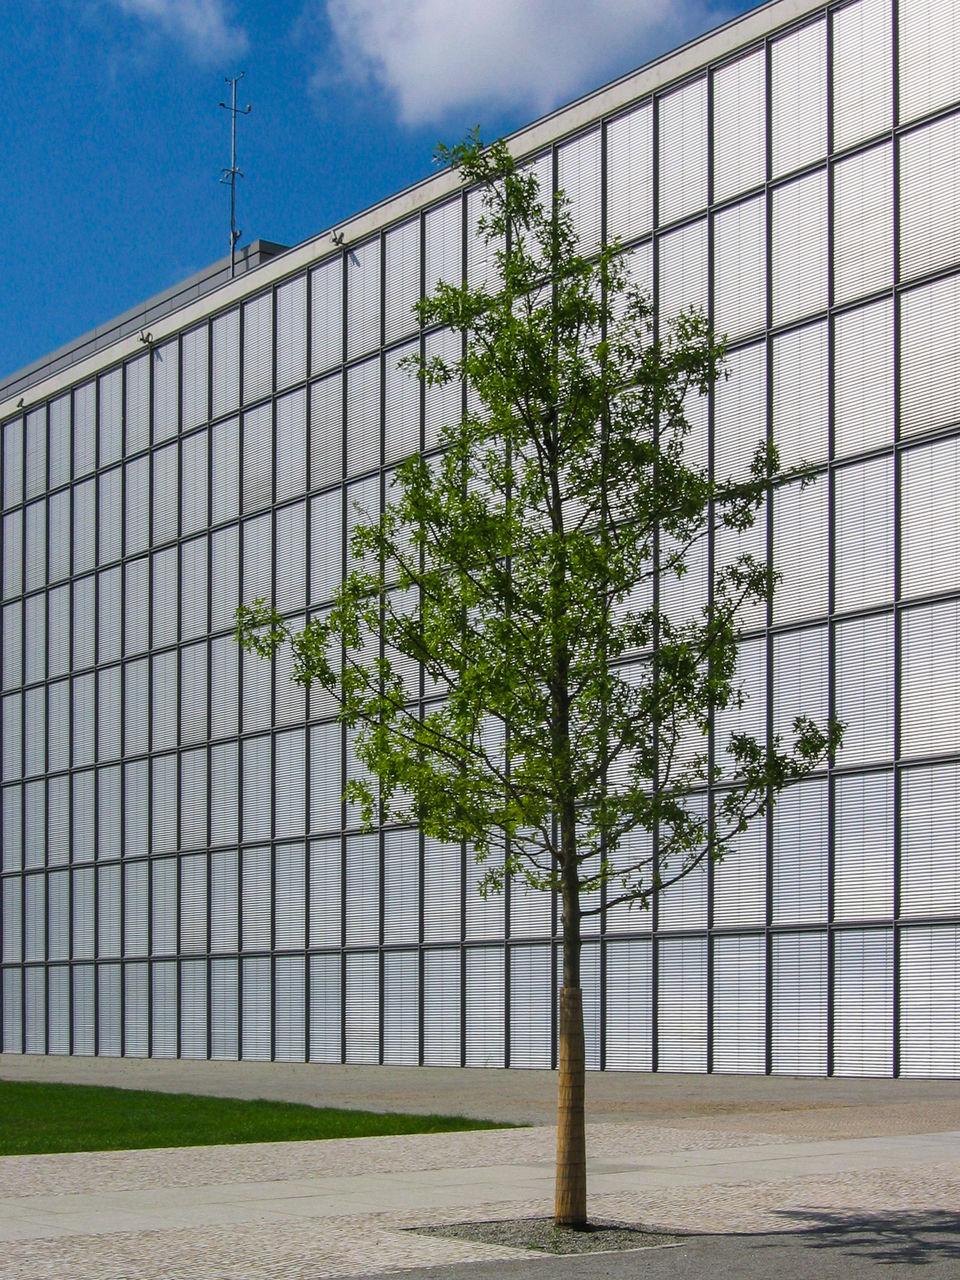 Tree Growing Against Modern Building